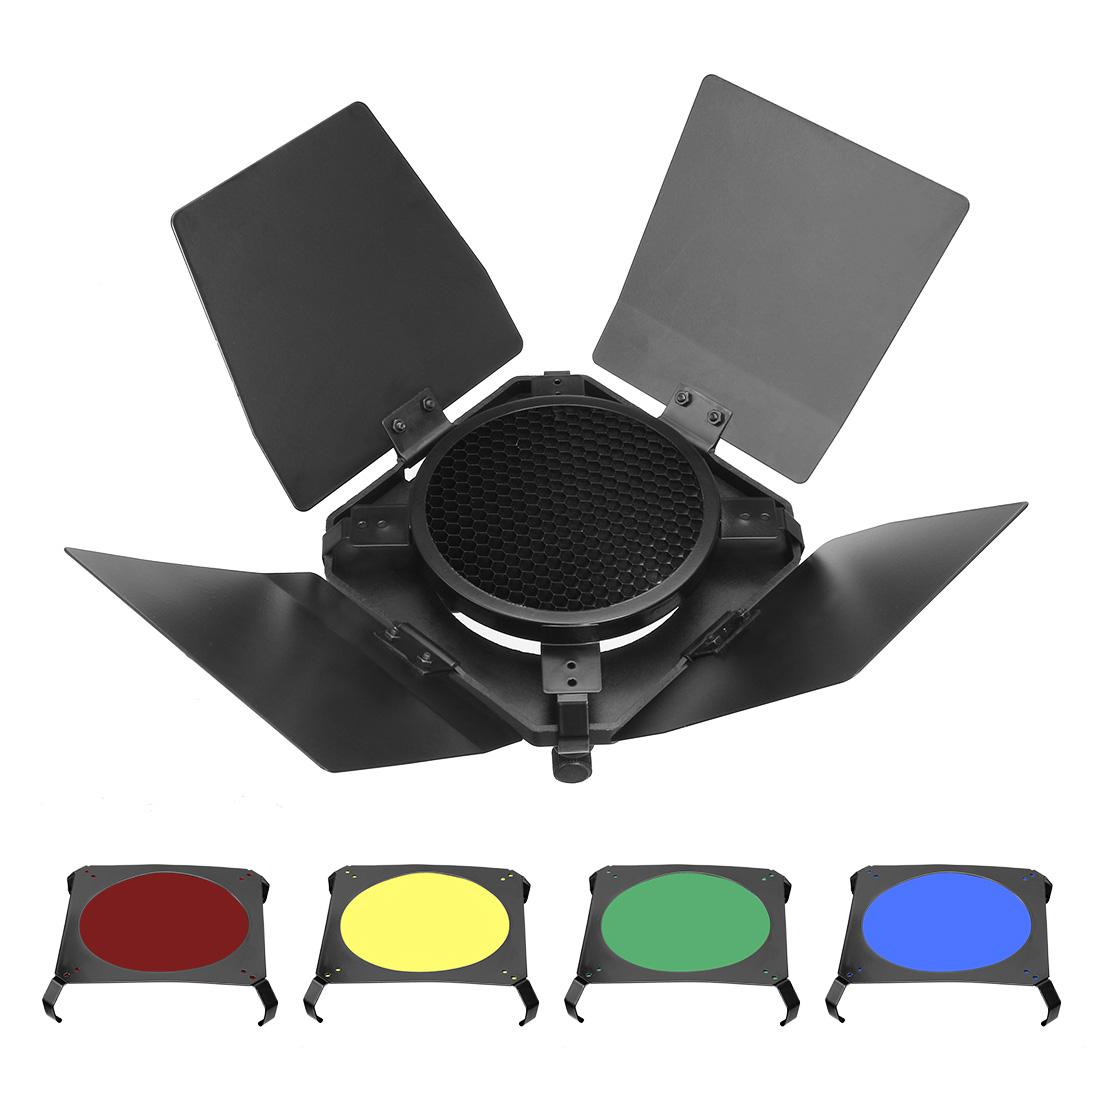 Set of 4 Color Light Gel Filter Sheet + 14cmx14cm Honeycomb Grid Baffle